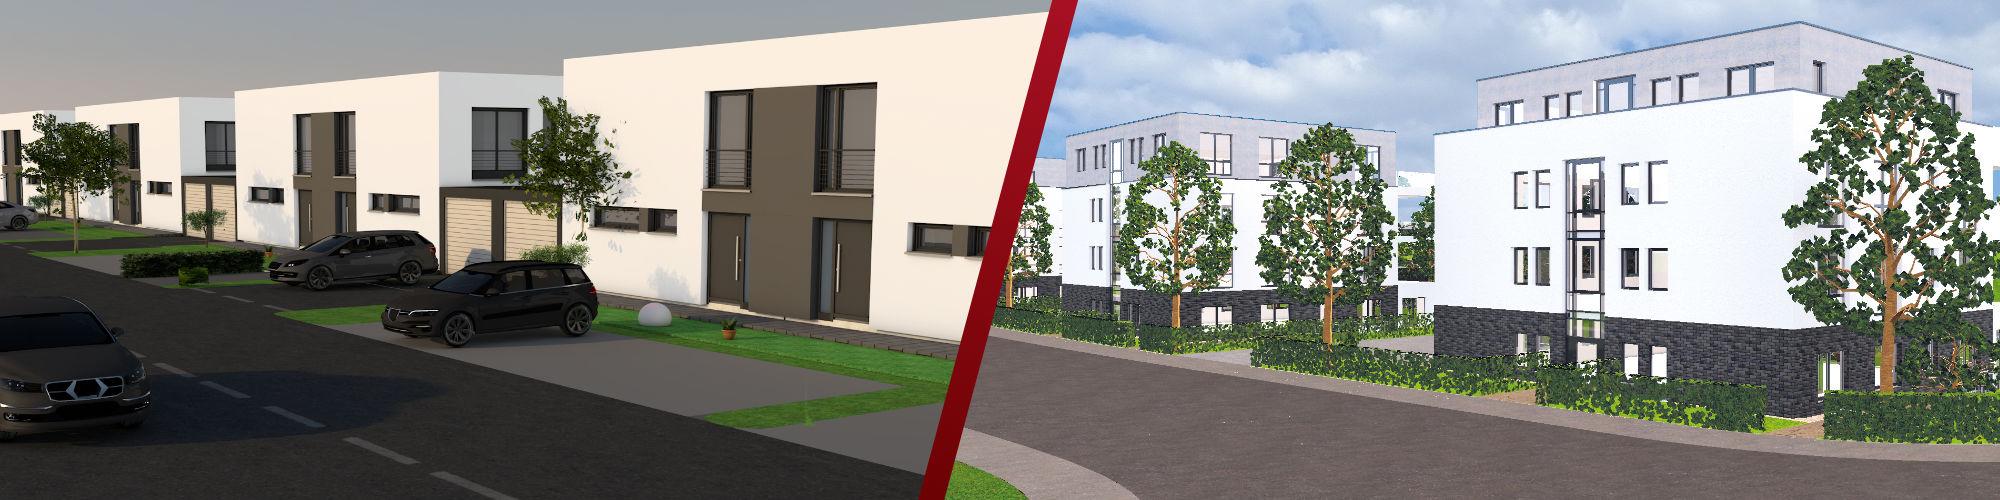 Neubauprojekte von Immobilien Weidenbach: Neubauprojekte in Herne und Dortmund